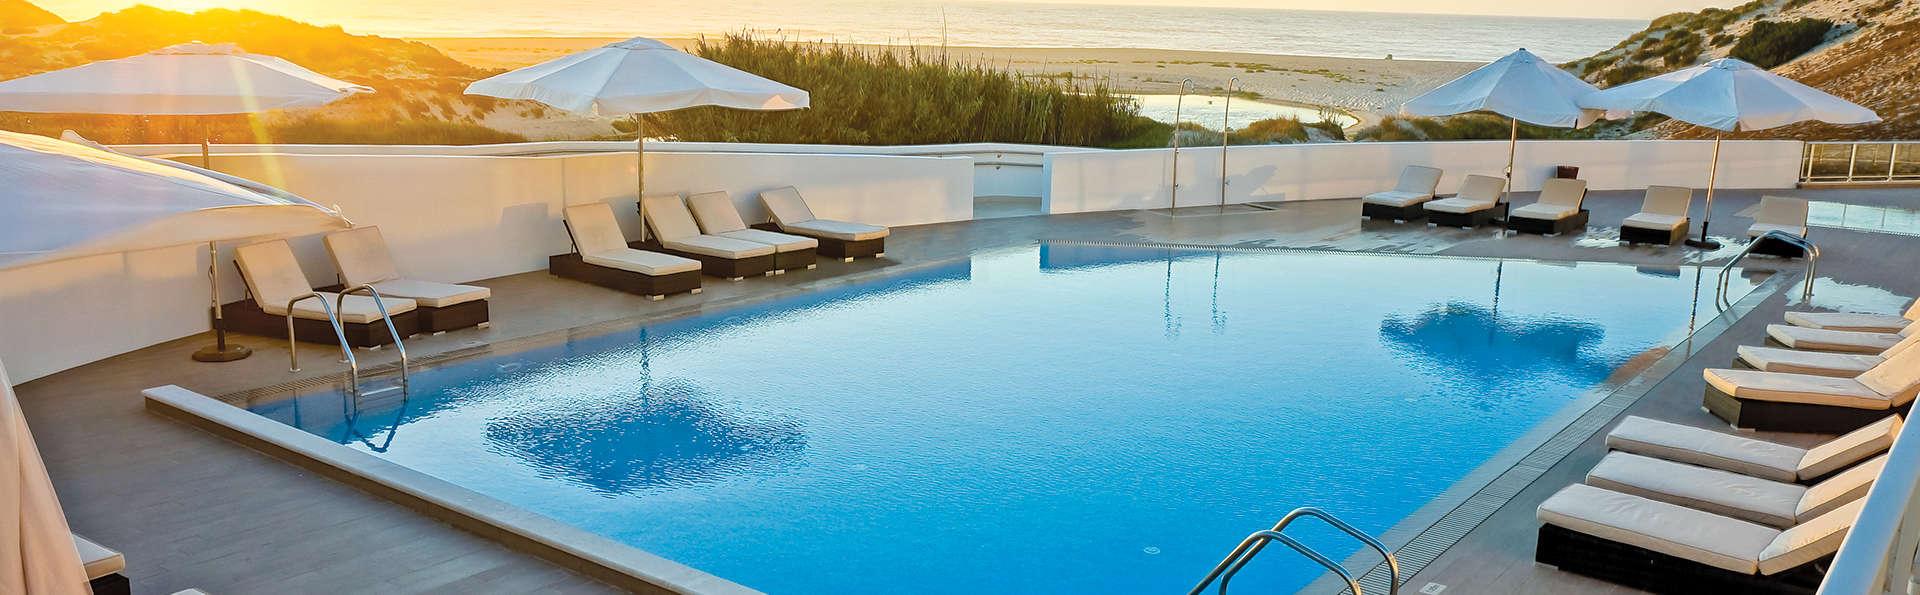 Escapada en Praia D'El Rey, con copa de bienvenida y descuento en tratamientos de Spa